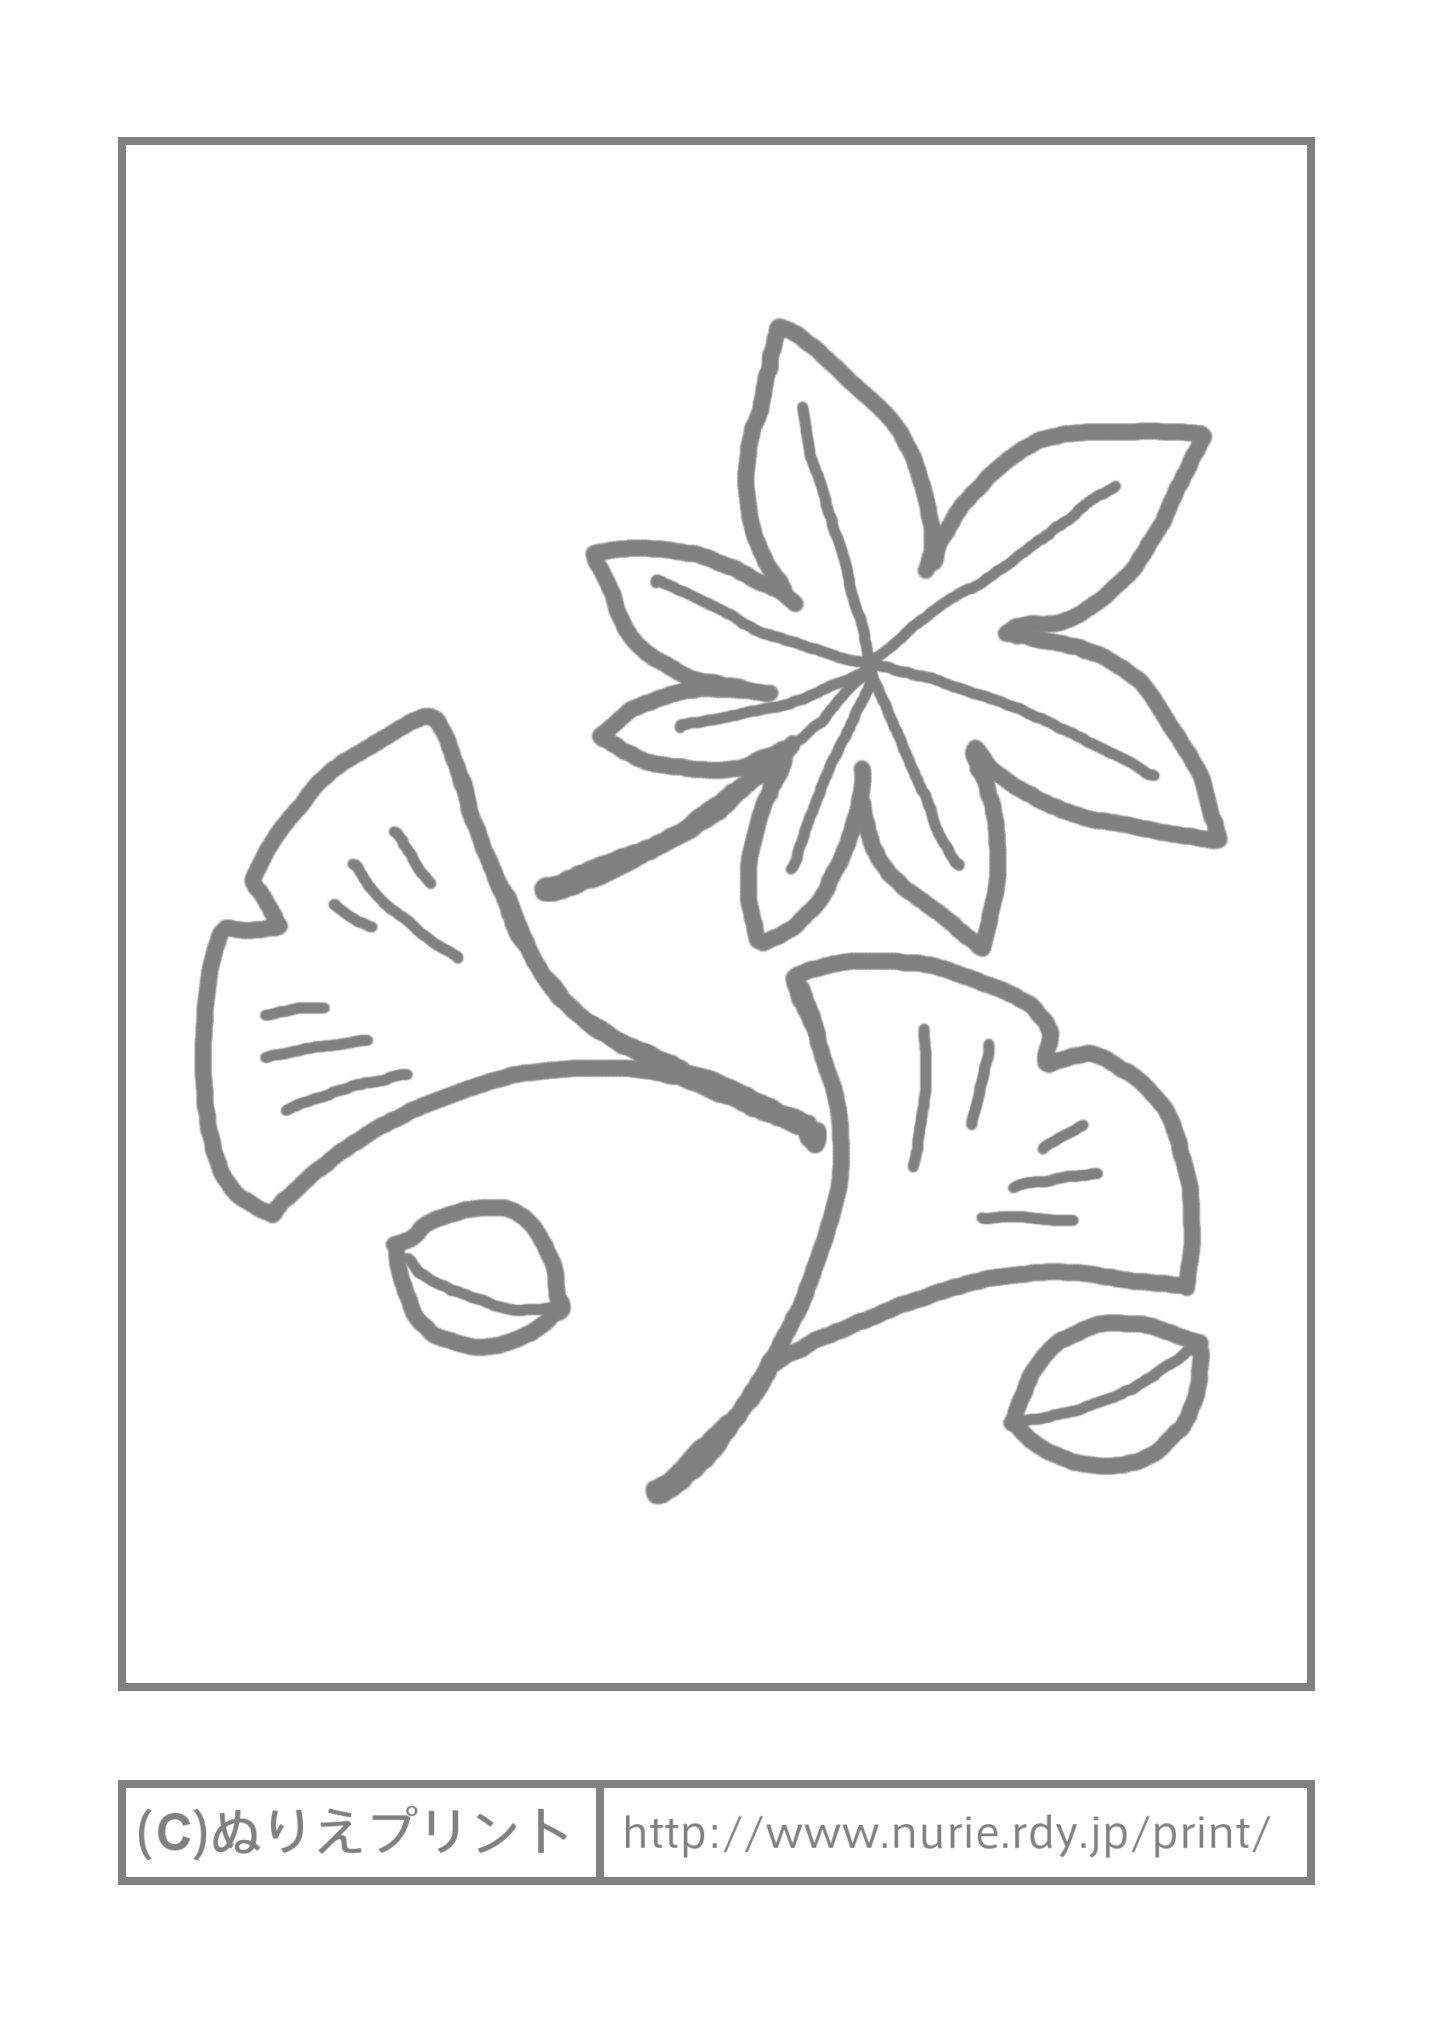 おちば(主線・グレー)/落ち葉 ... : 塗り絵 ダウンロード : すべての講義